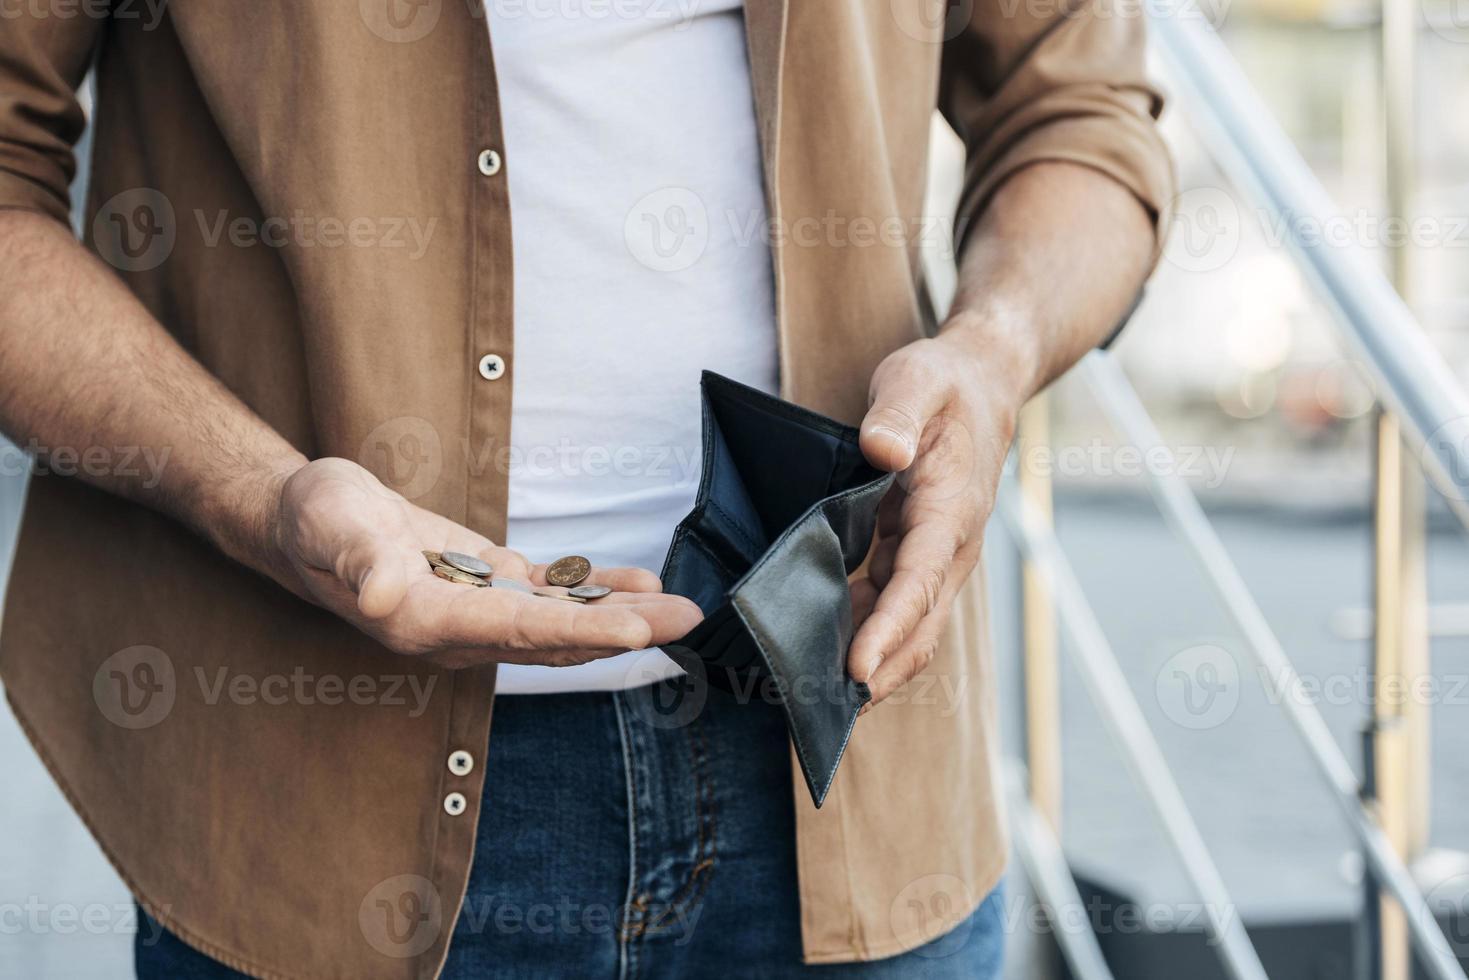 närbild av händer som håller plånbok och mynt foto